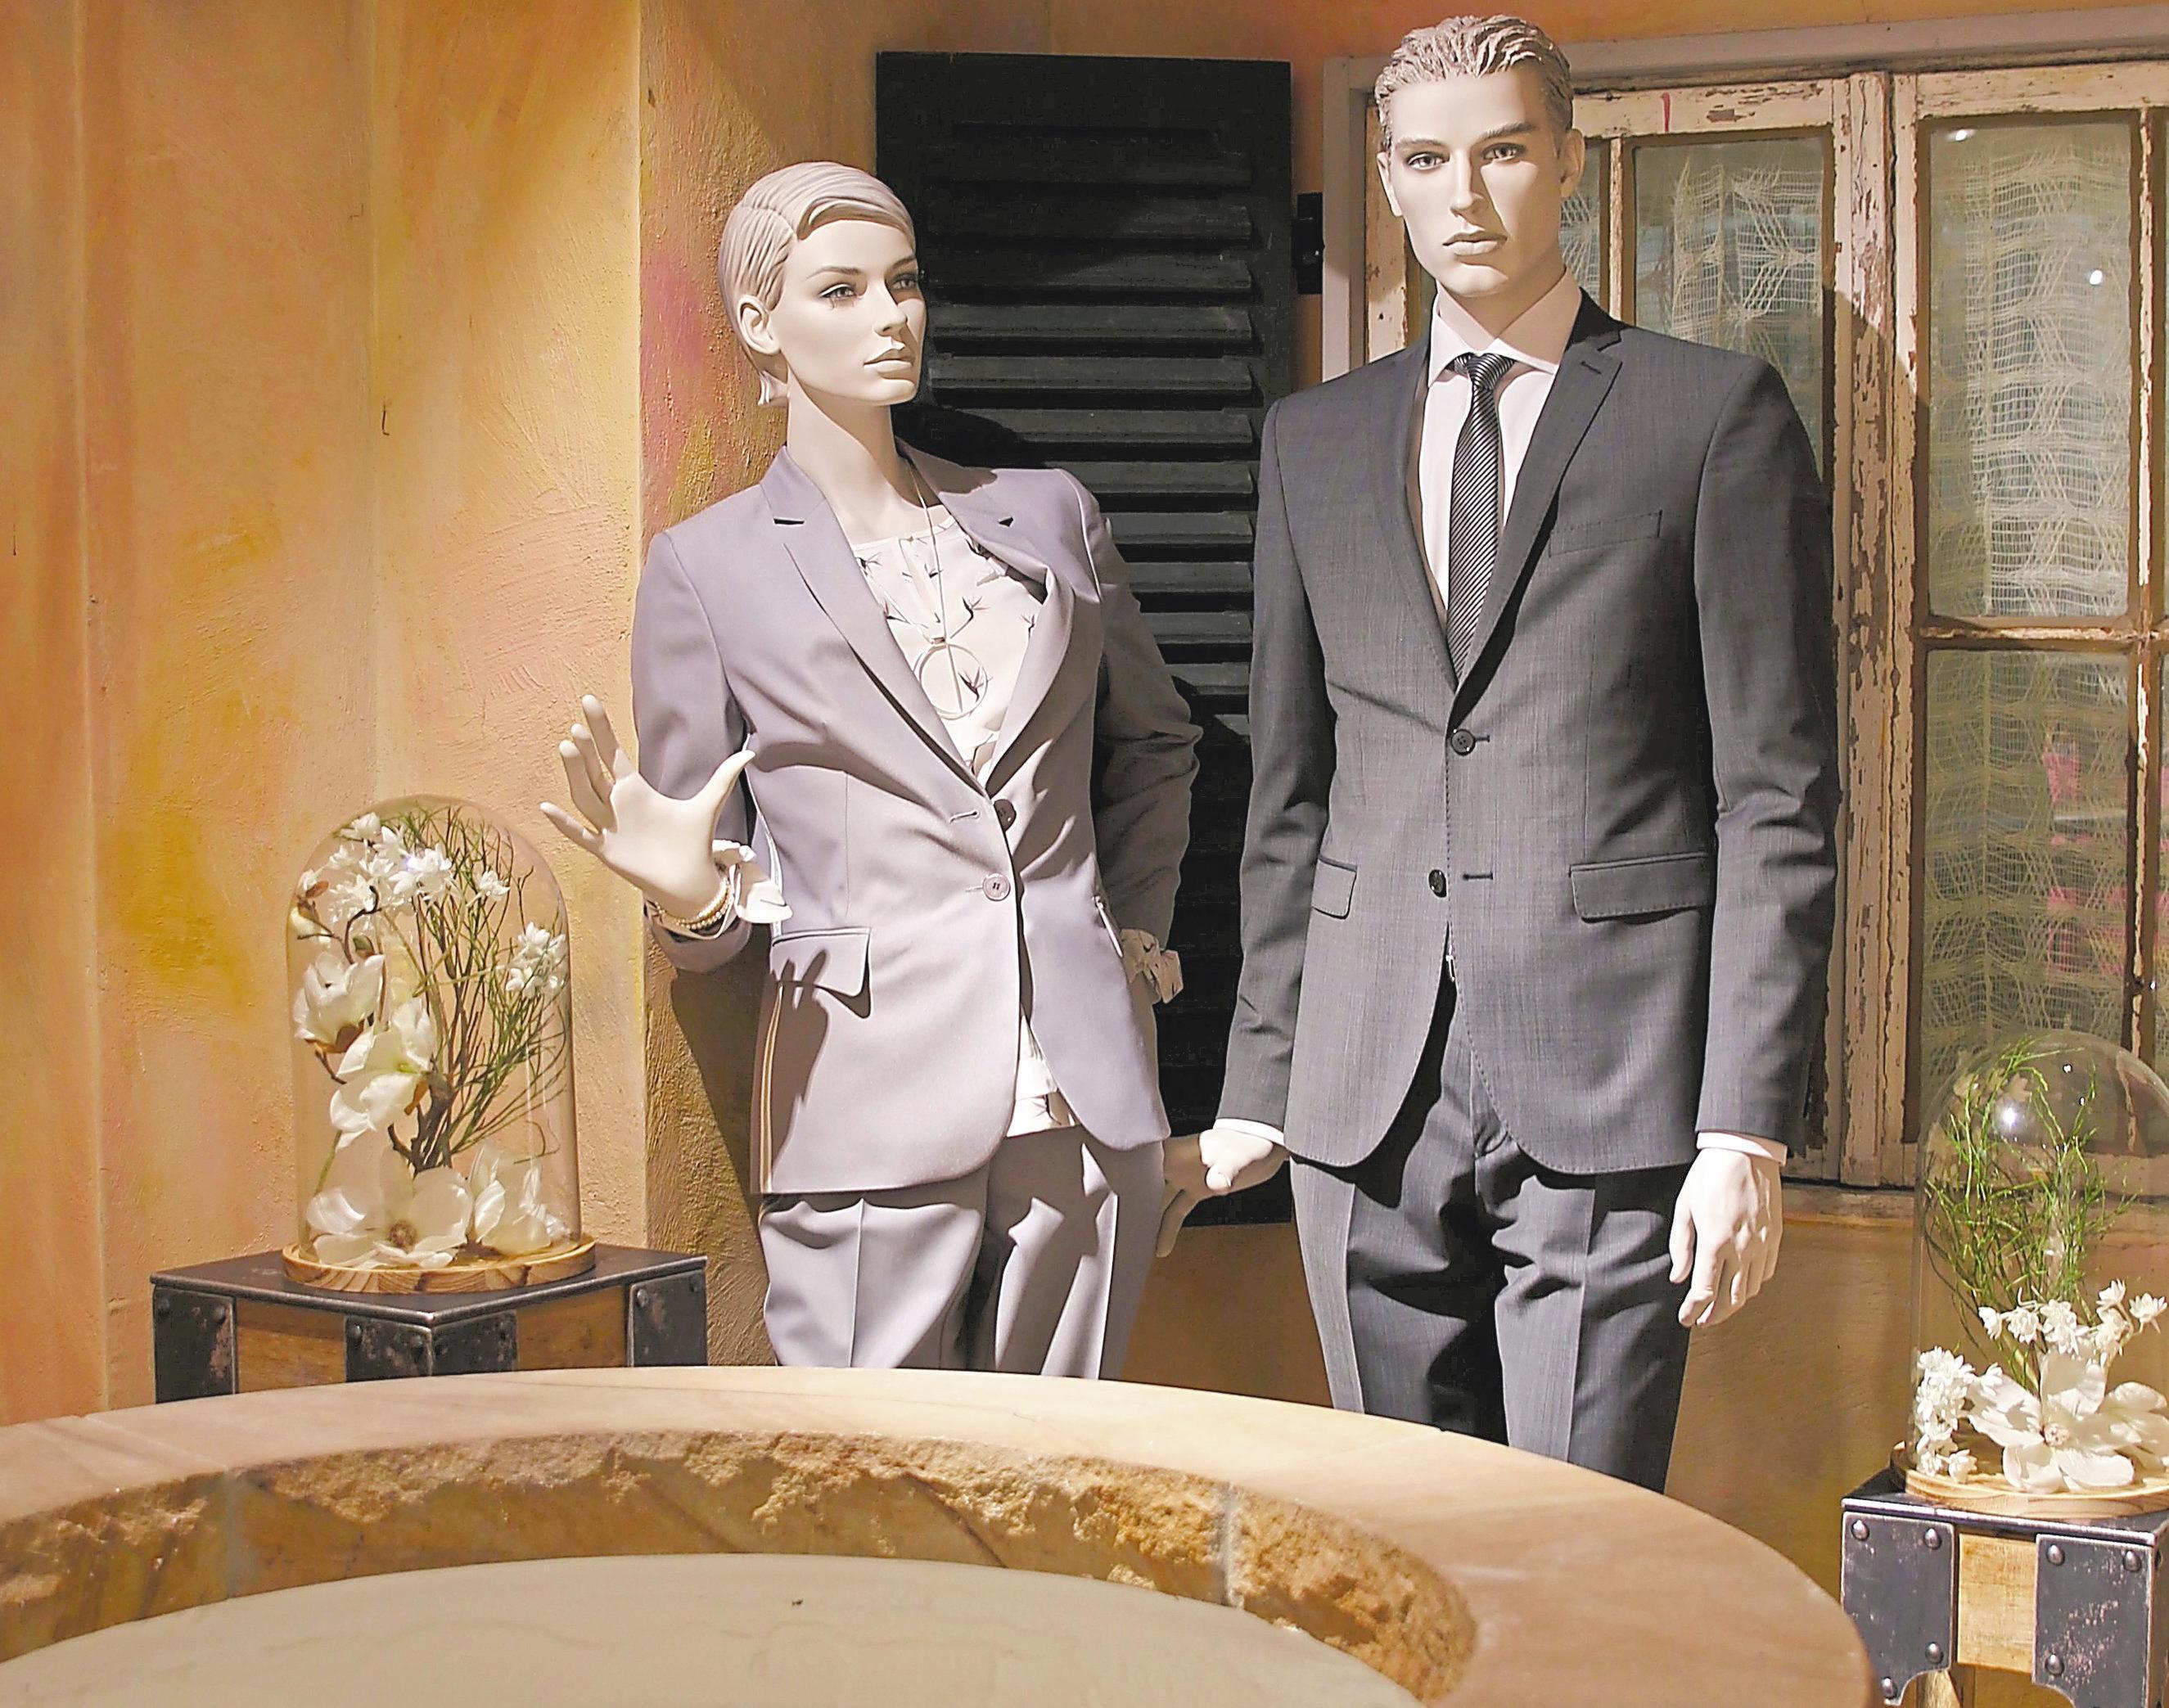 Anzüge, bei denen Blazer und Hose genau zusammenpassen – dahin geht der Trend wieder. Ein Blickfang ist der beleuchtete Brunnen davor.